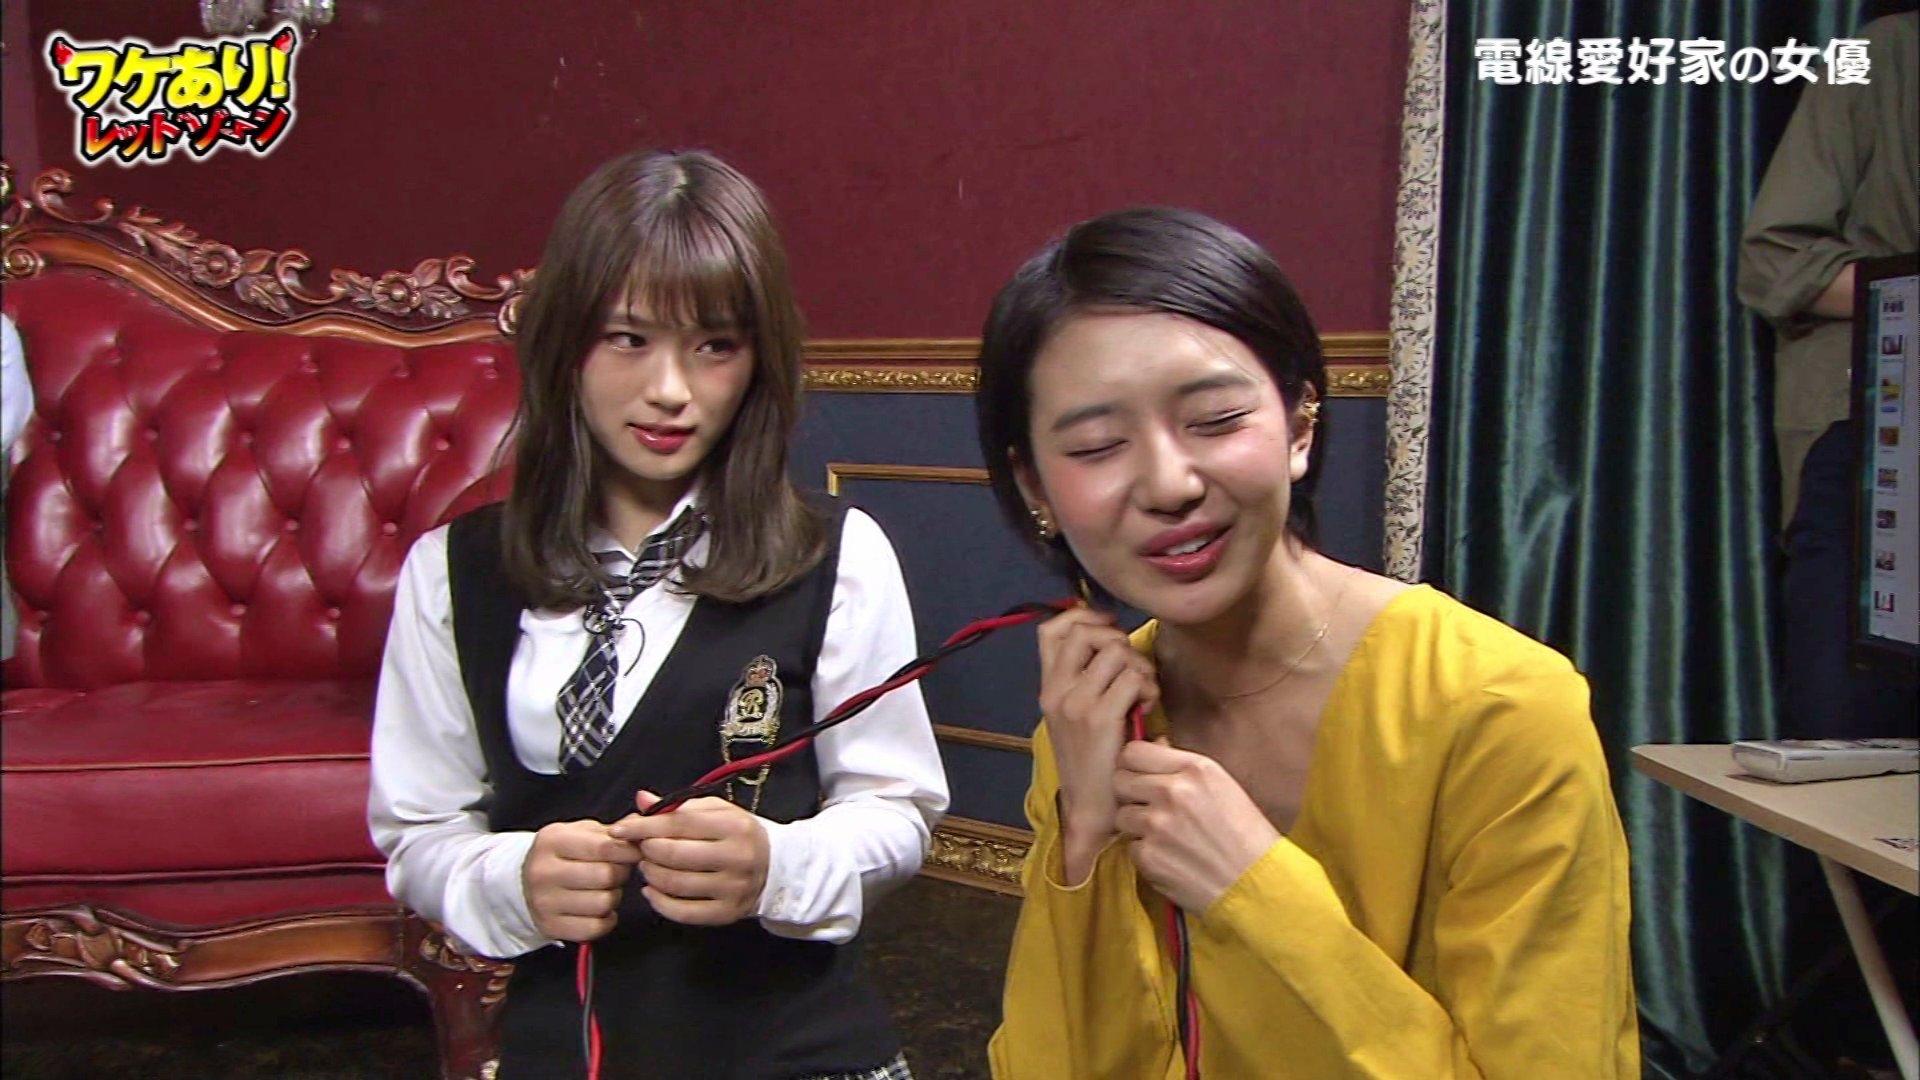 【渋谷凪咲】なぎさ出演6/29「ワケあり!レッドゾーン」の画像。電線大好き女優・石山蓮華さんが登場